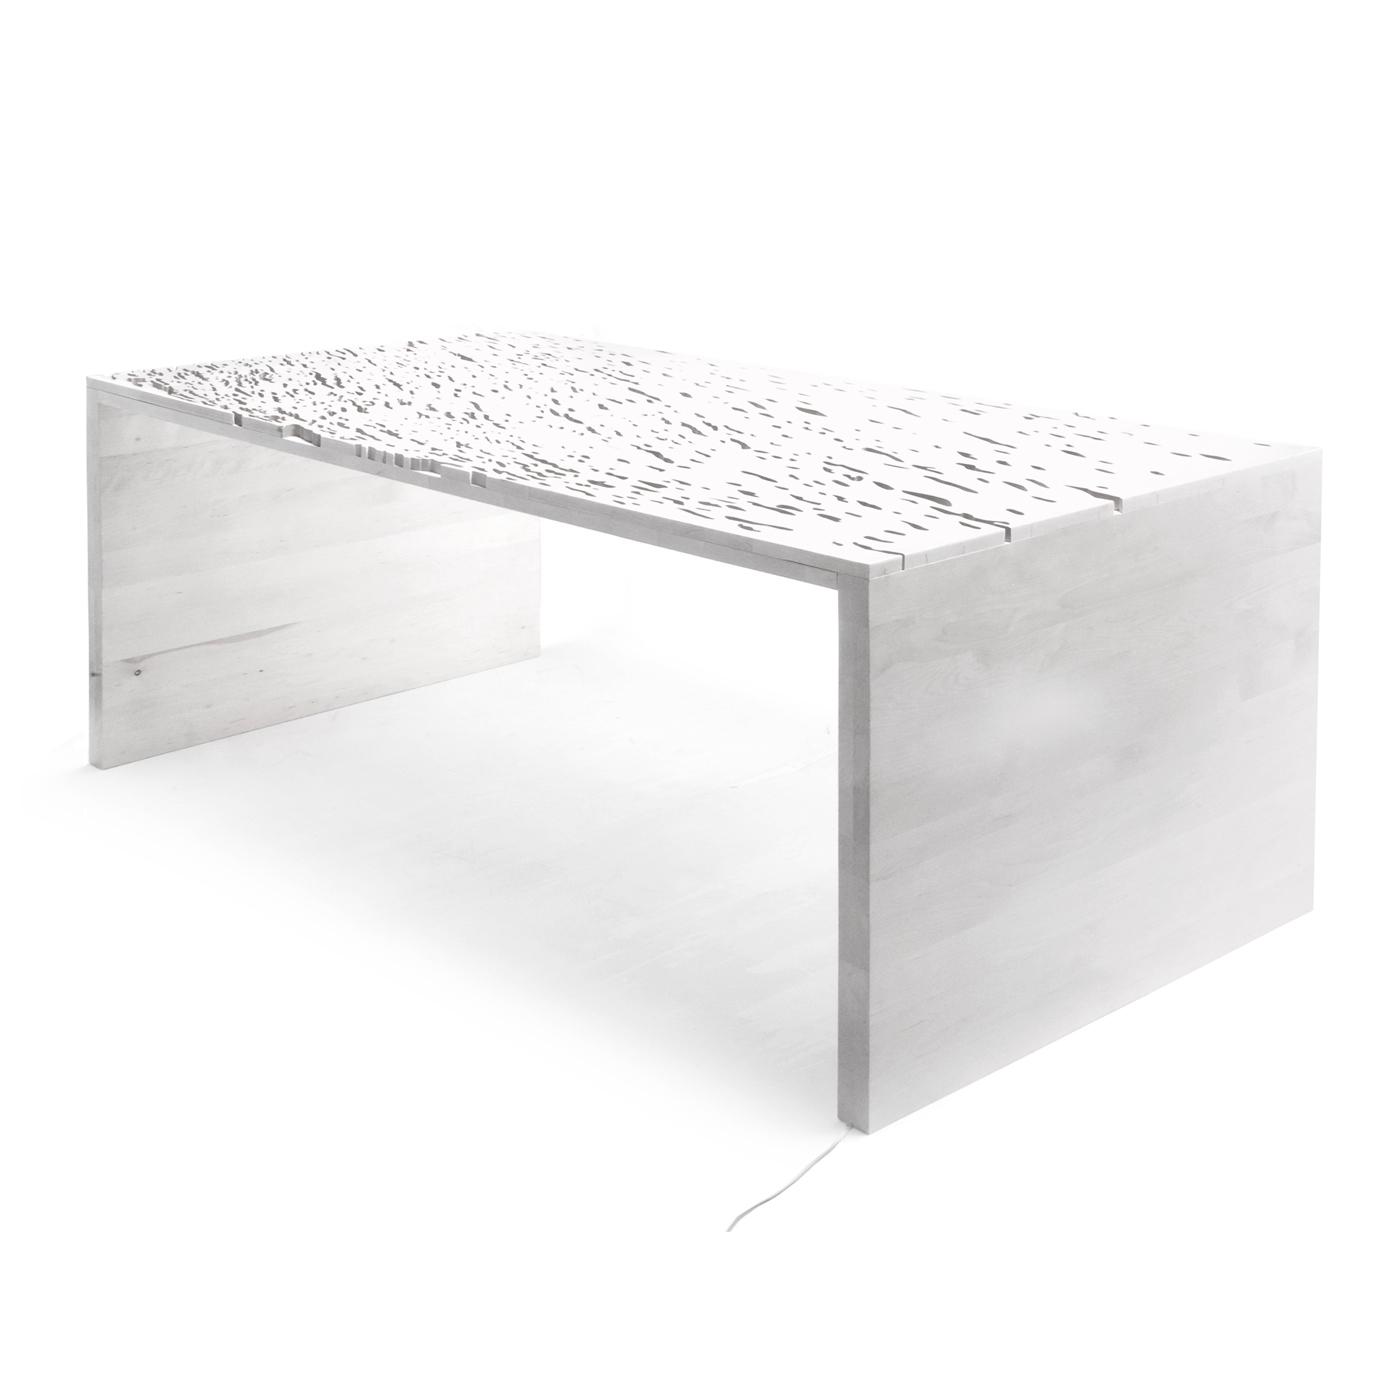 Стол Naturale Staple 1Журнальные столики<br>Журнальный столик с фактурной столешницей напоминает млечный путь на звездном небе.&amp;nbsp;По желанию, можно изготовить его разной высоты и даже использовать в качестве скамьи.&amp;nbsp;Особенности: на основание крепится мебельный войлок.Материал: березовая фанера.<br><br>kit: None<br>gender: None